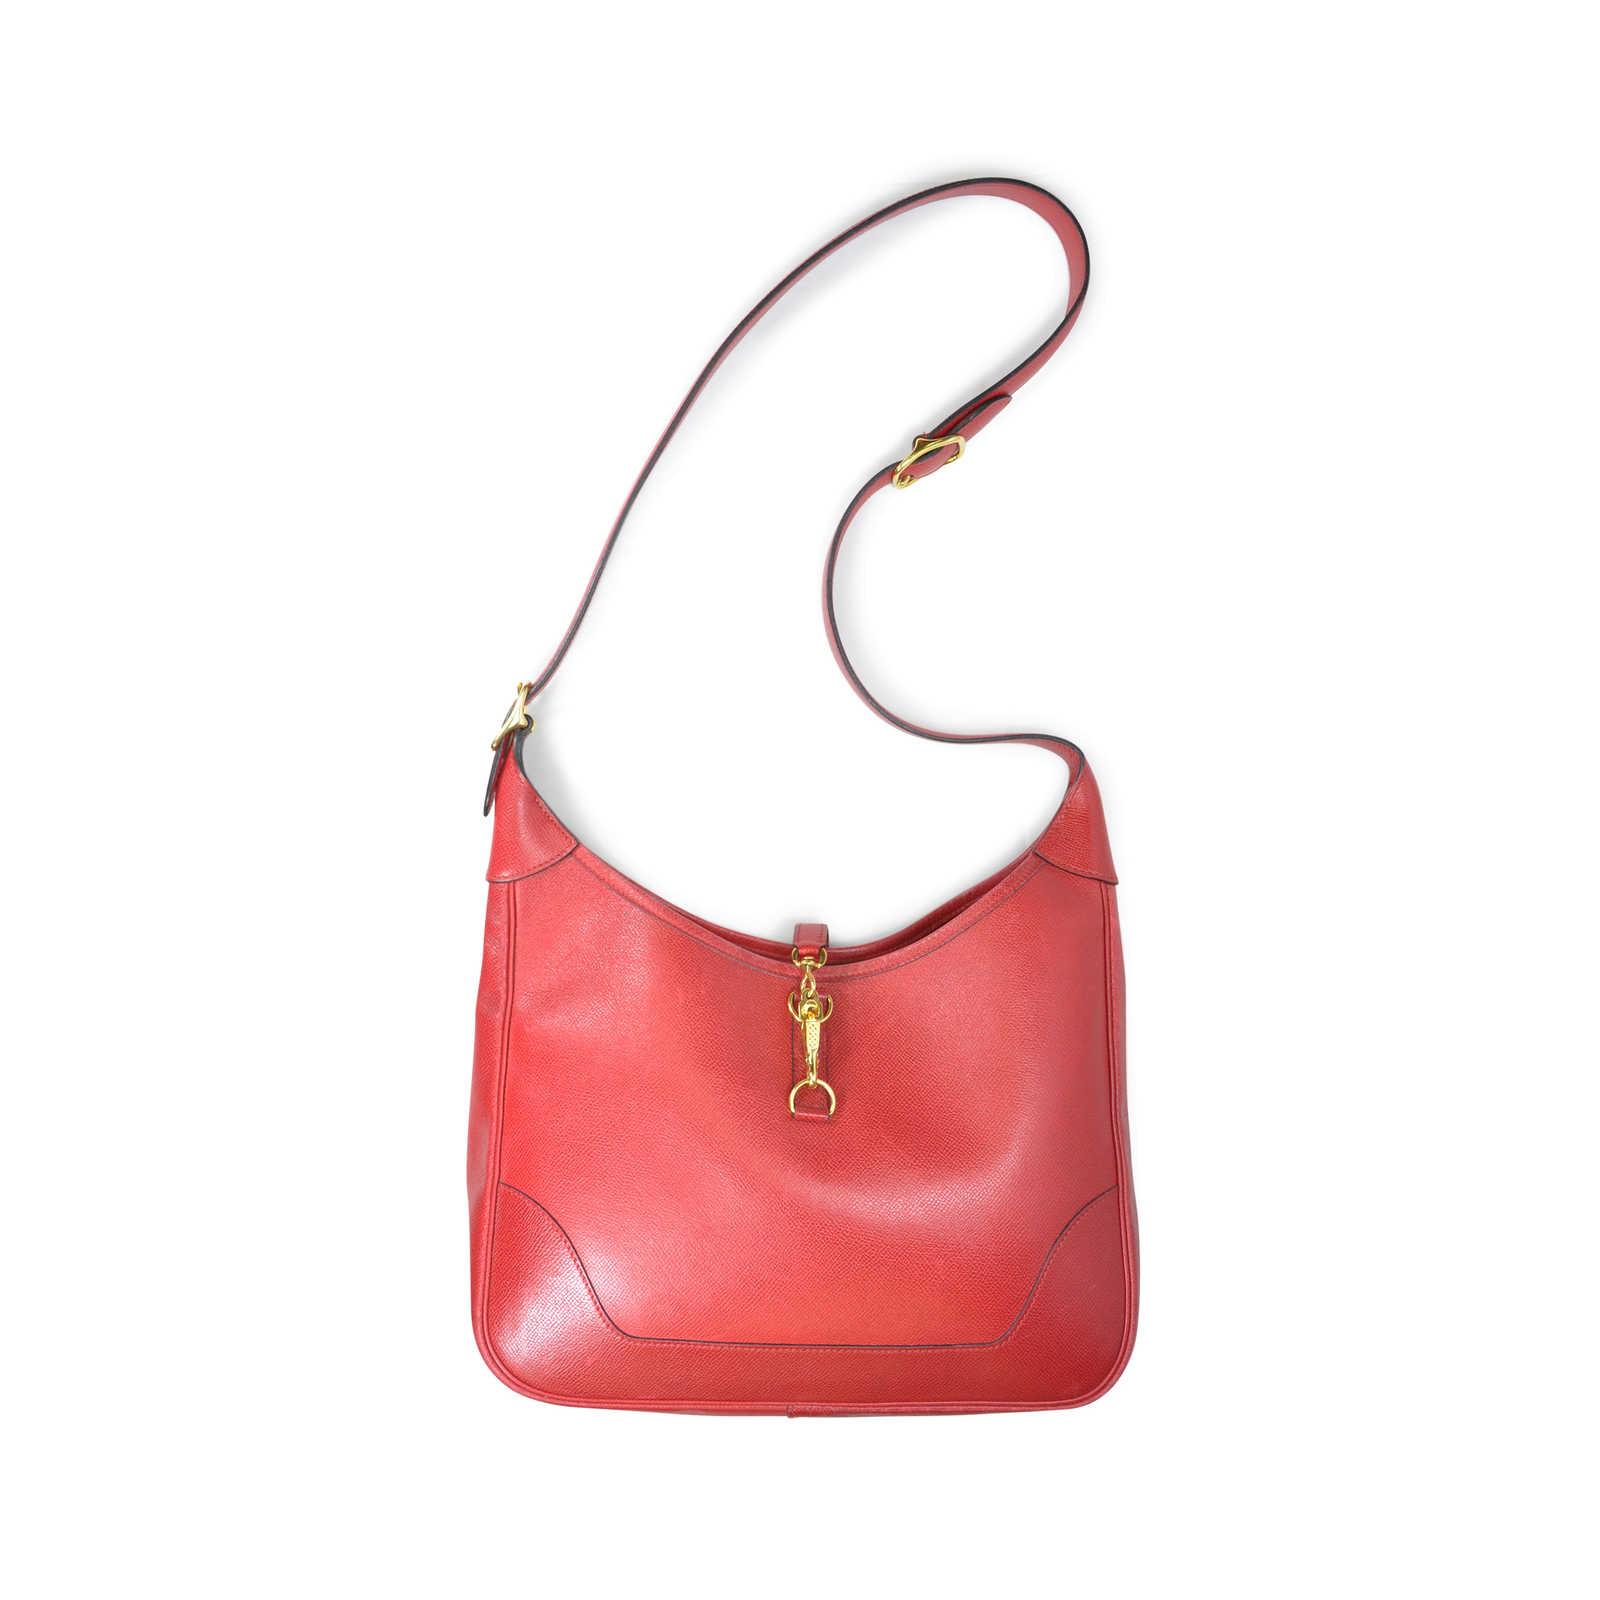 692a025a55 Authentic Vintage Hermès Trim Bag (TFC-101-00037) | THE FIFTH COLLECTION